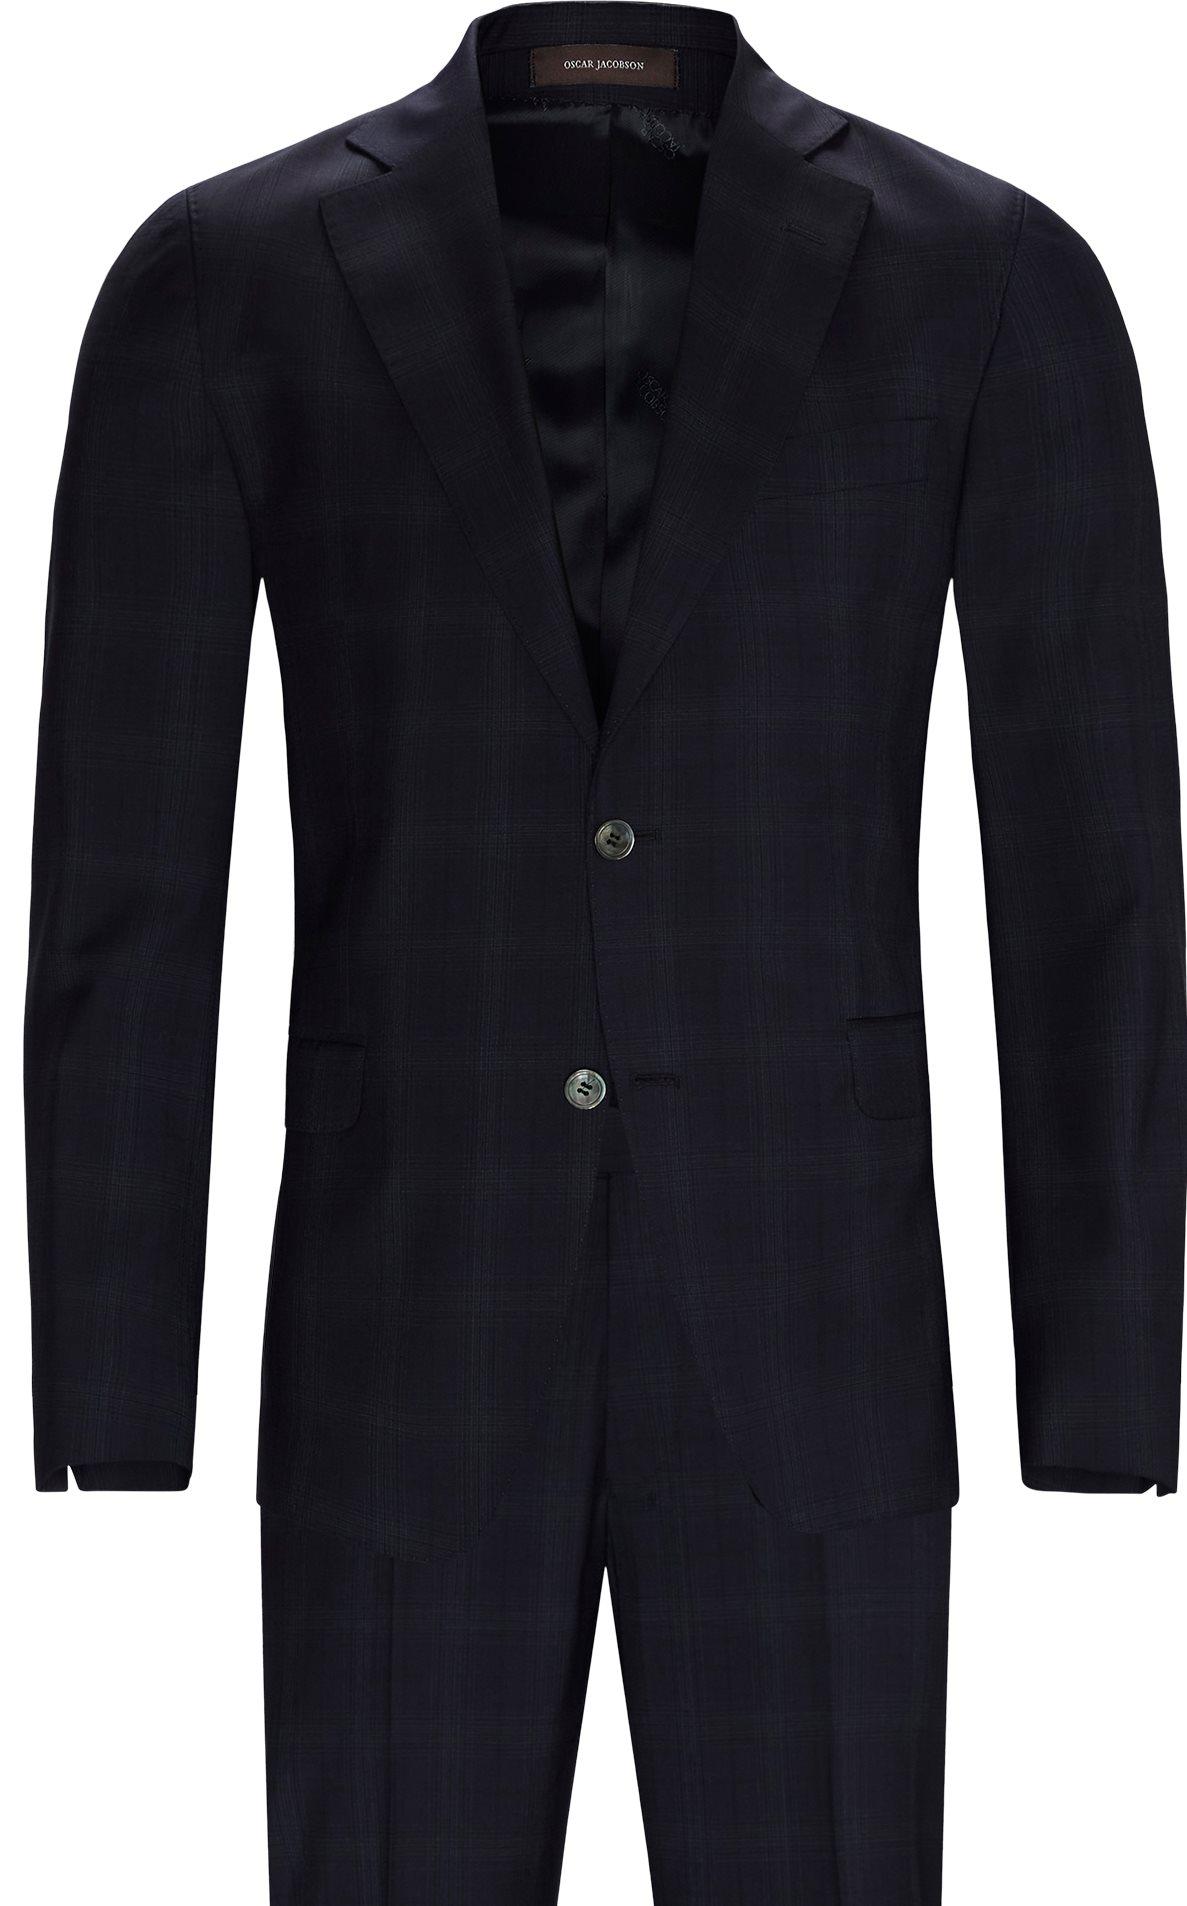 Suits - Slim fit - Blue